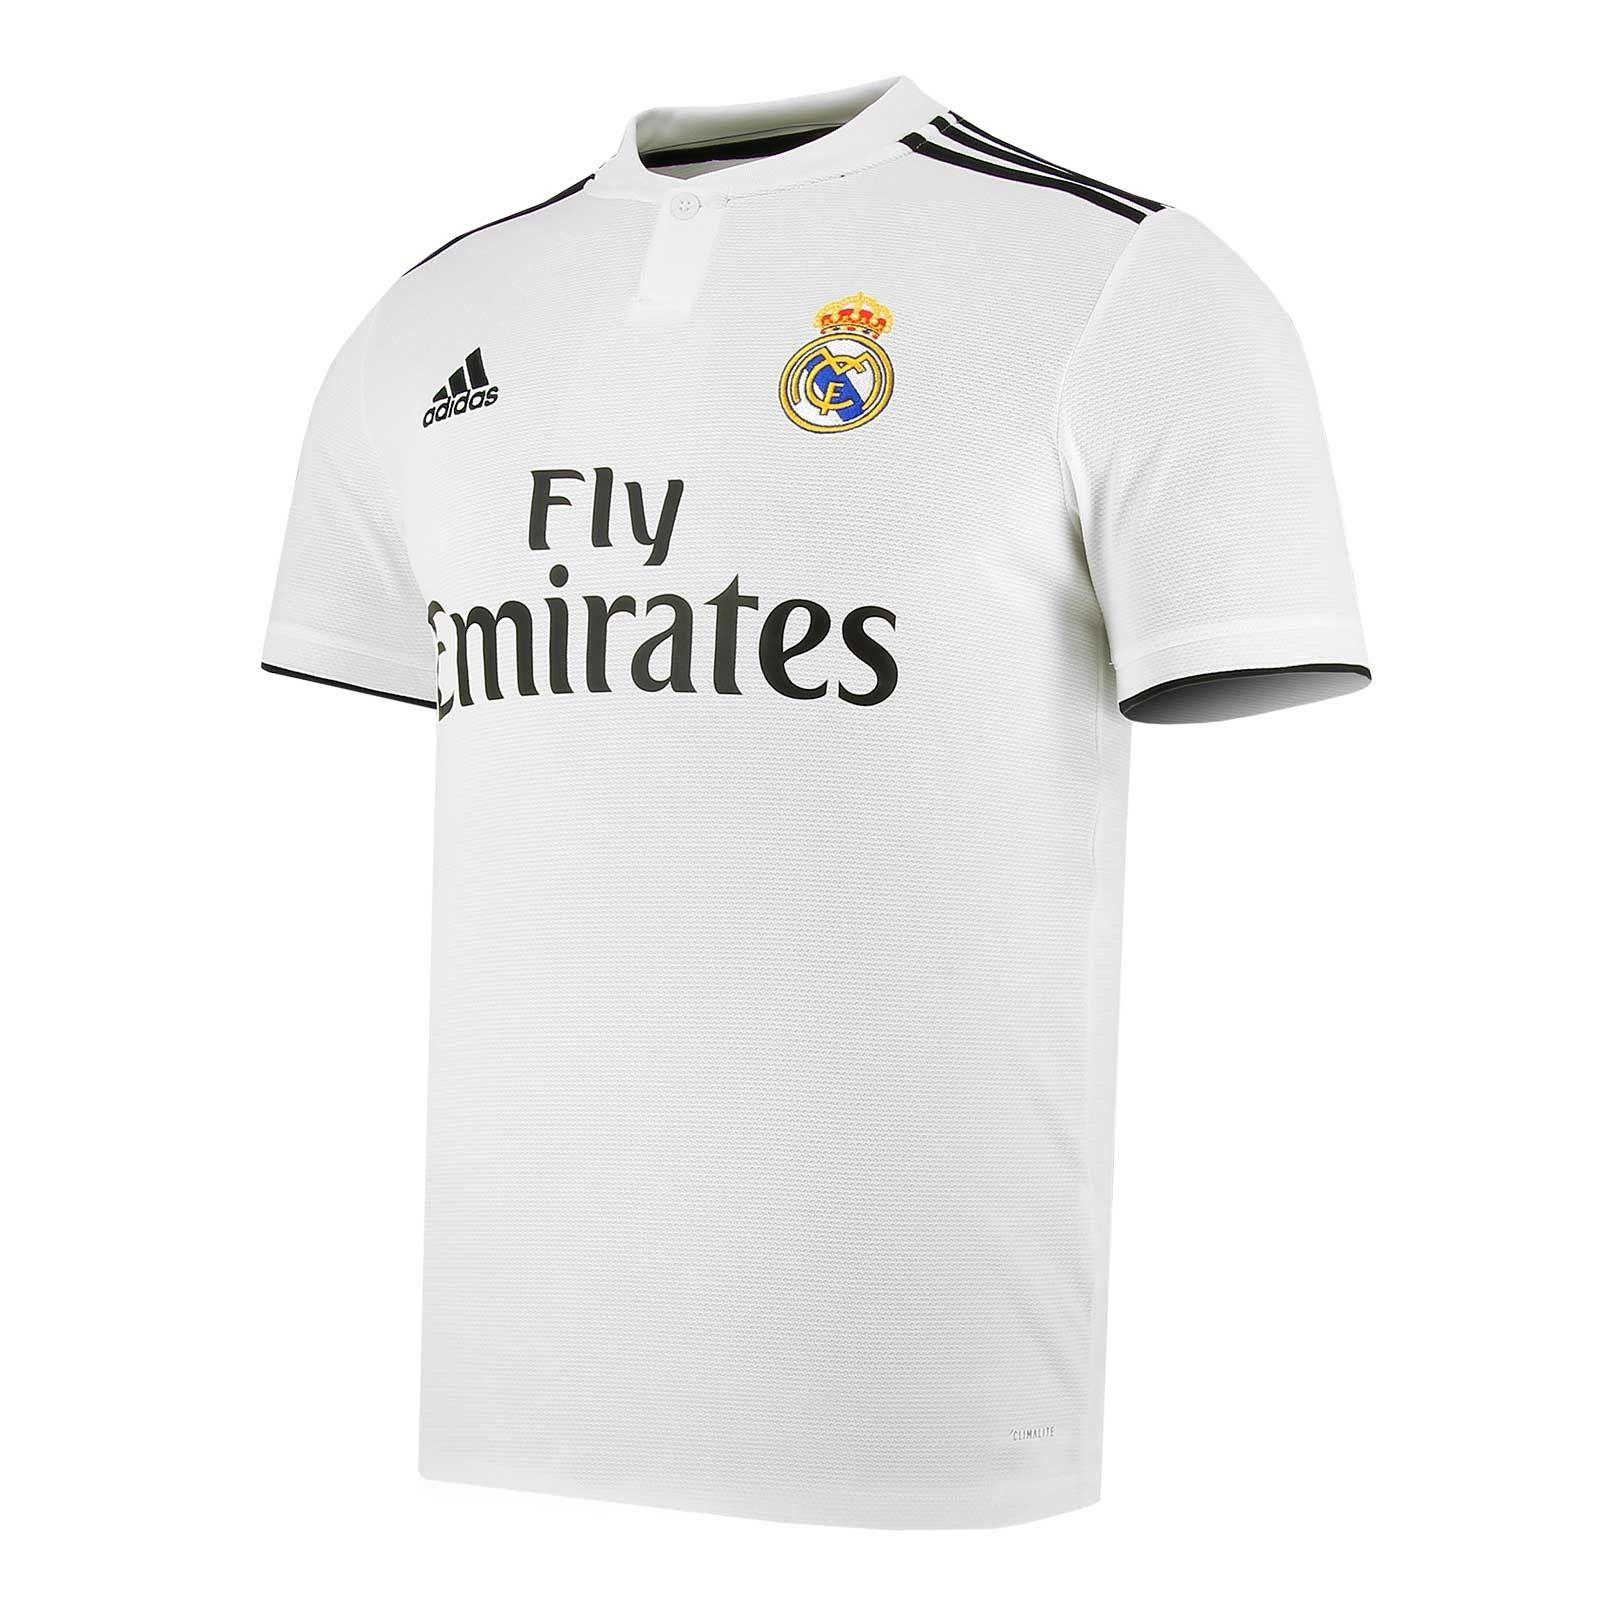 Camiseta Adidas 1a Real Madrid Lfp 18 2019 Camisetas Real Madrid Equipacion Real Madrid